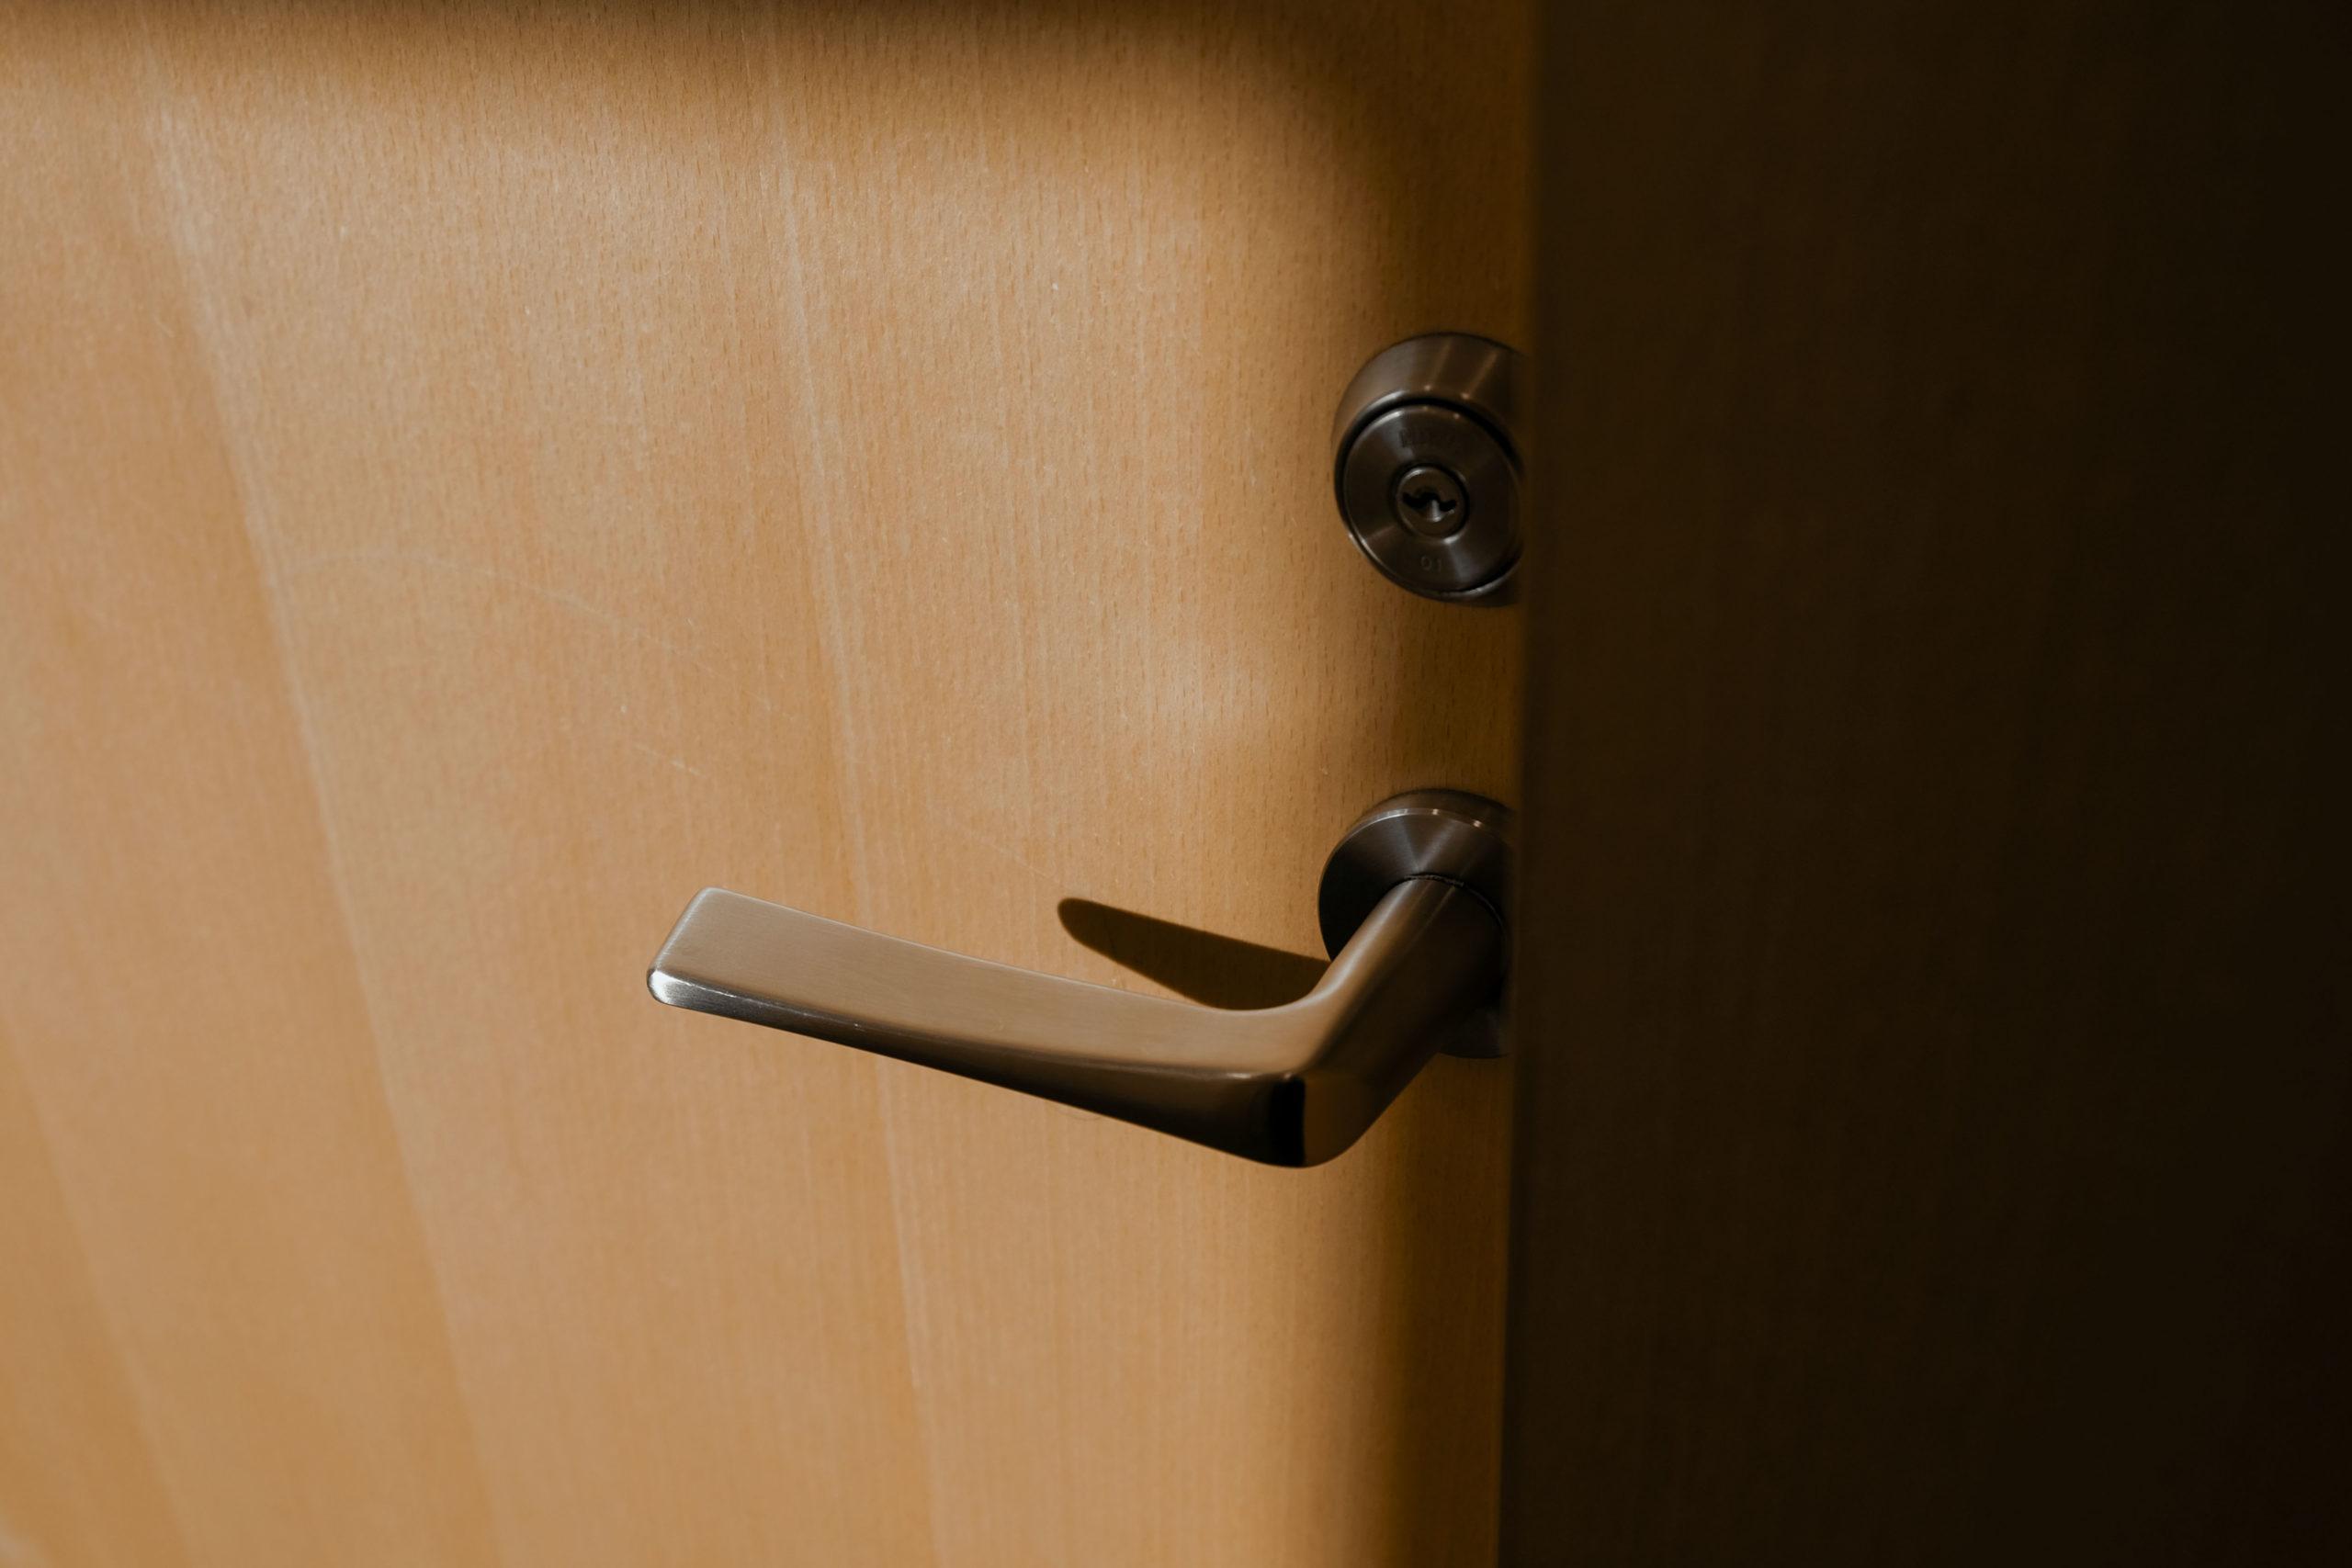 Låsesmed Frederiksberg hjælper ude låste personer hurtigt og effektivt